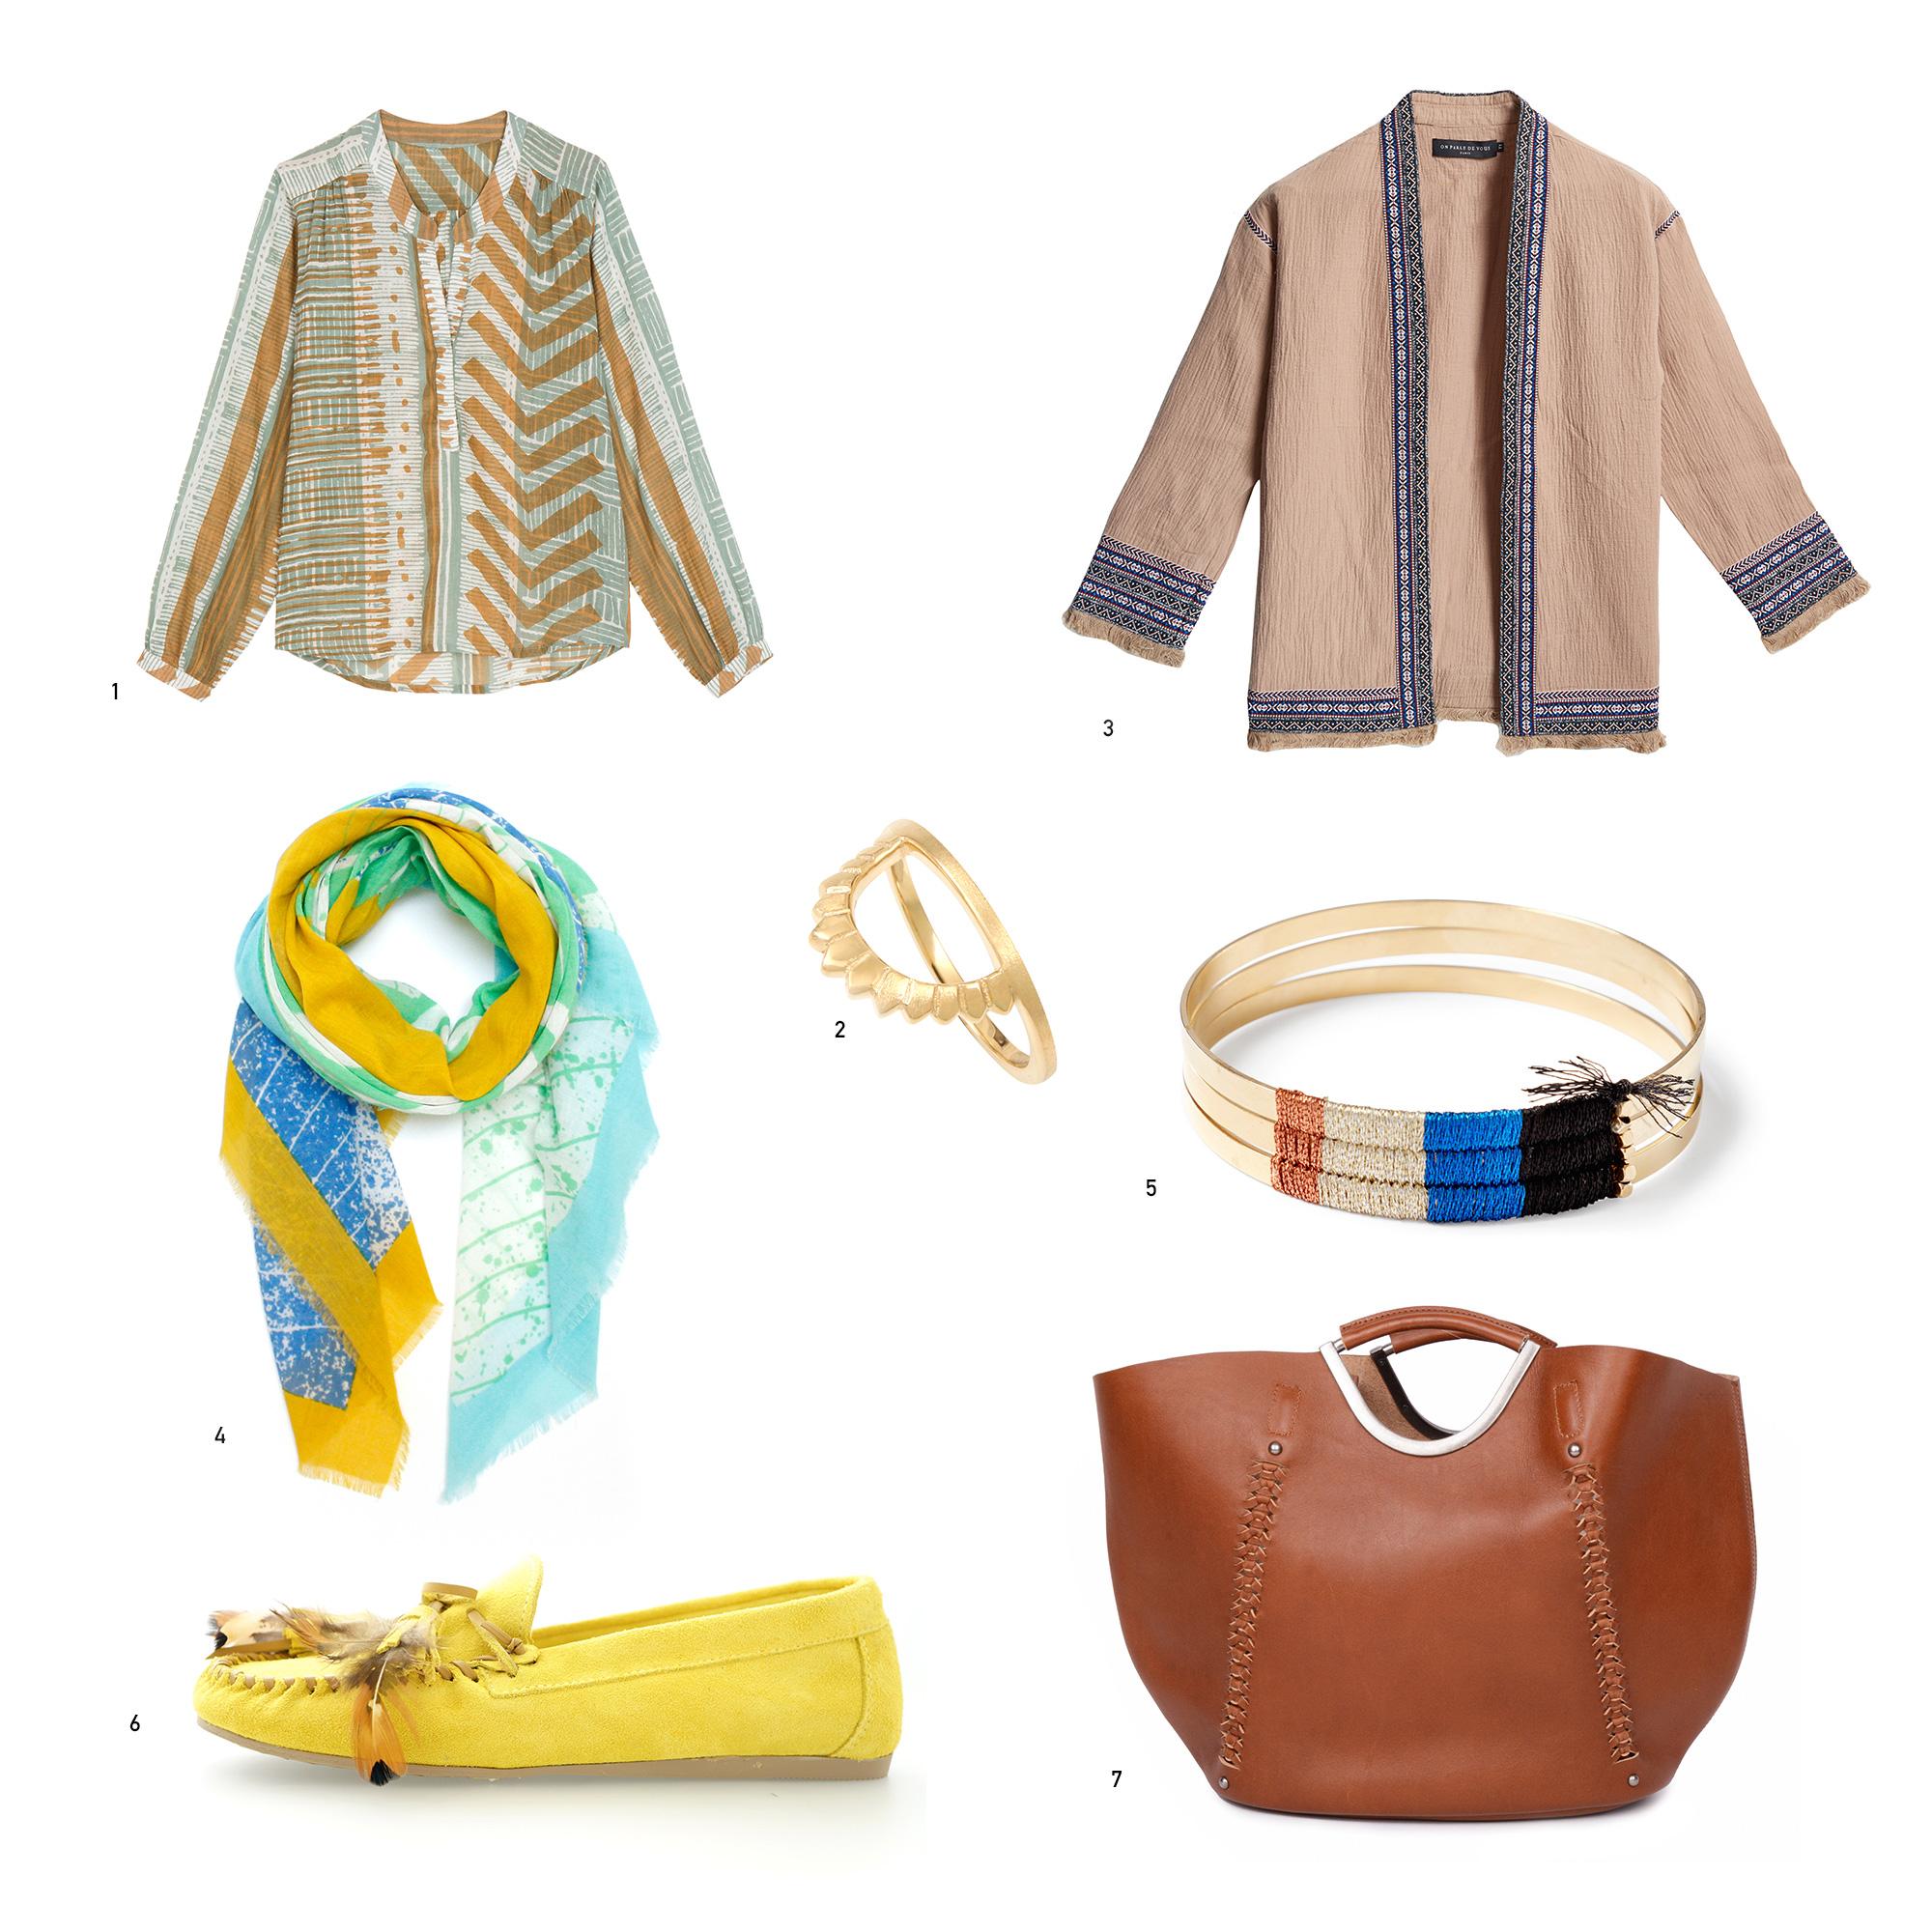 Mode-envie-les Boomeuses-Femme_50 ans-webmagazine